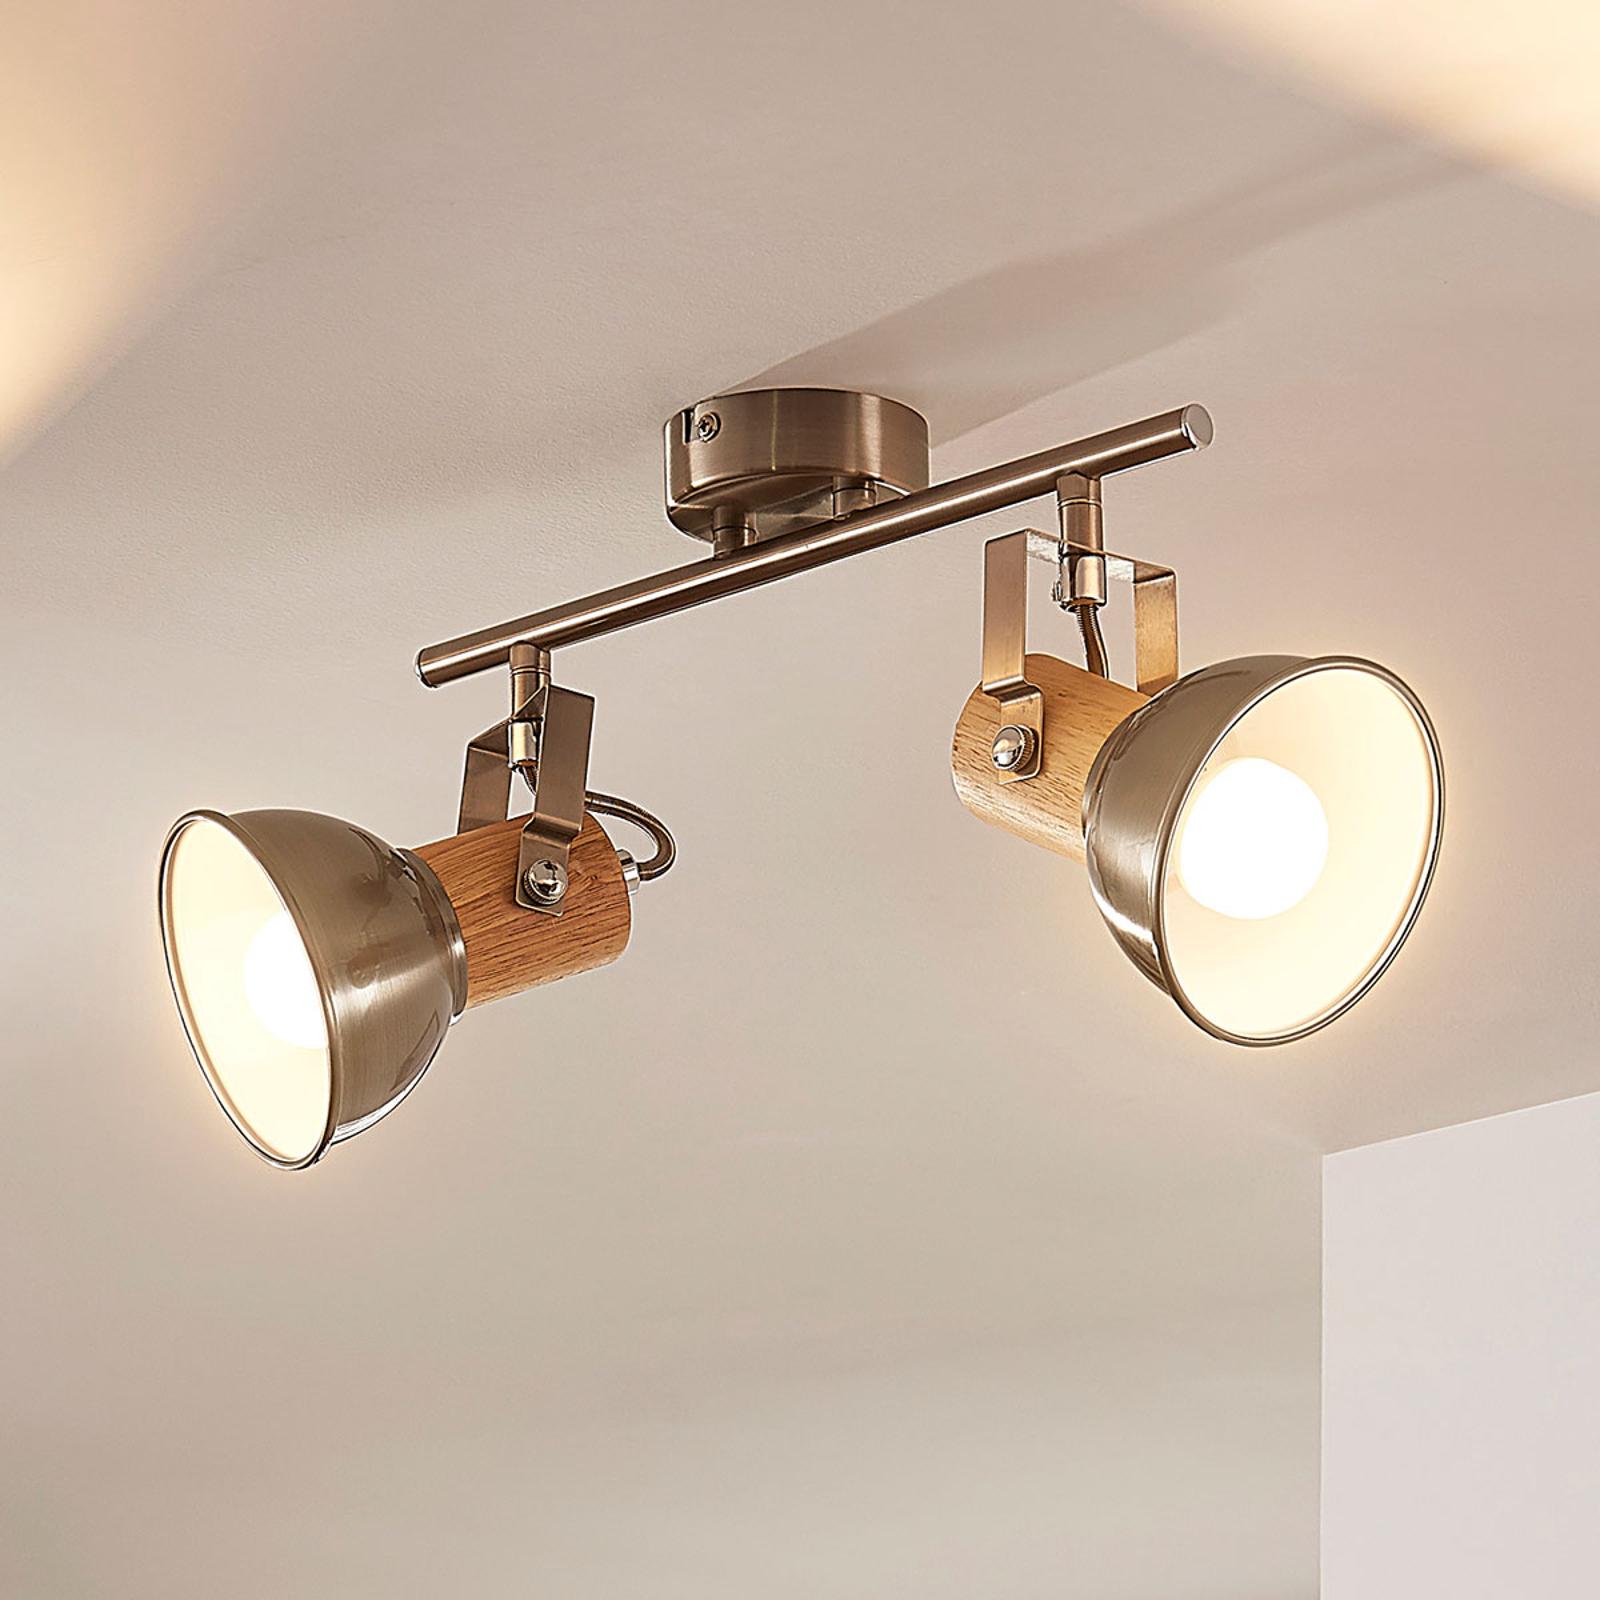 LED-taklampe Dennis med dekor i tre, 2 lyskilder